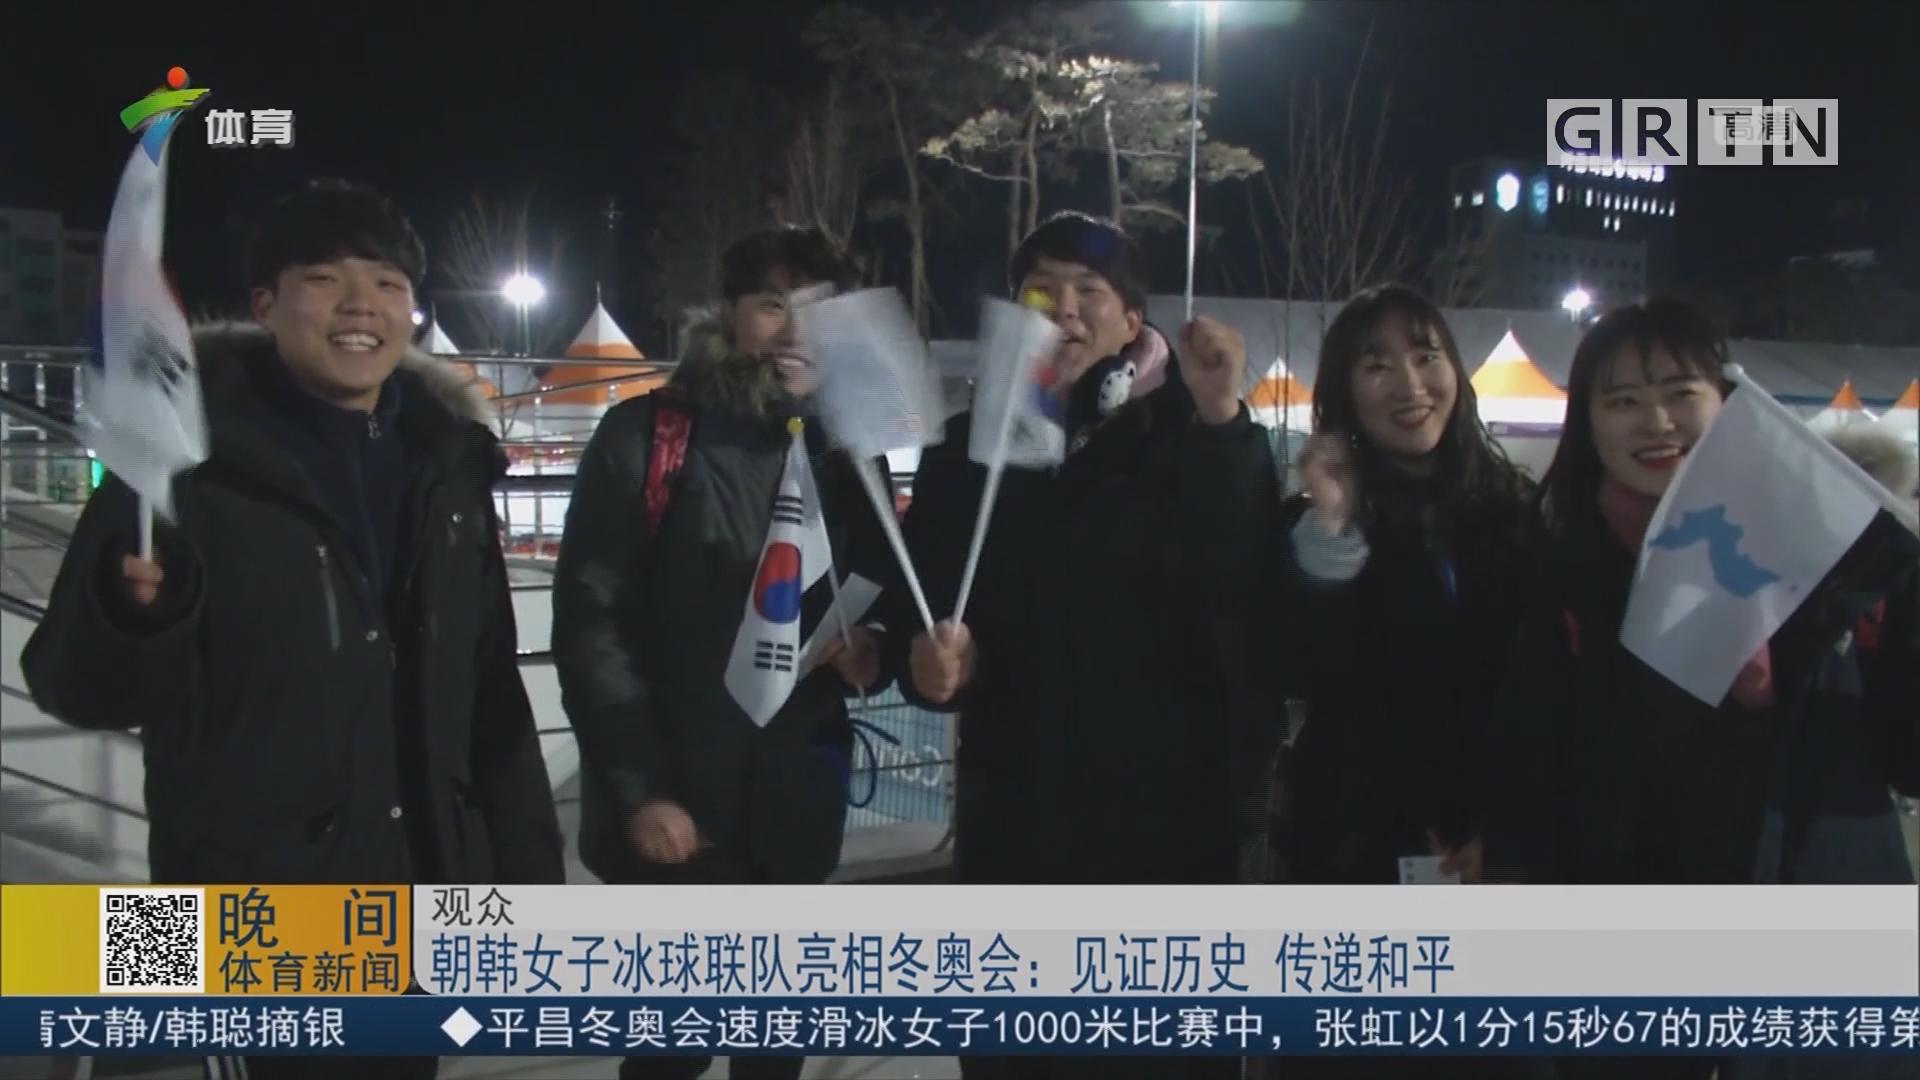 朝韩女子冰球联队亮相冬奥会:见证历史 传递和平